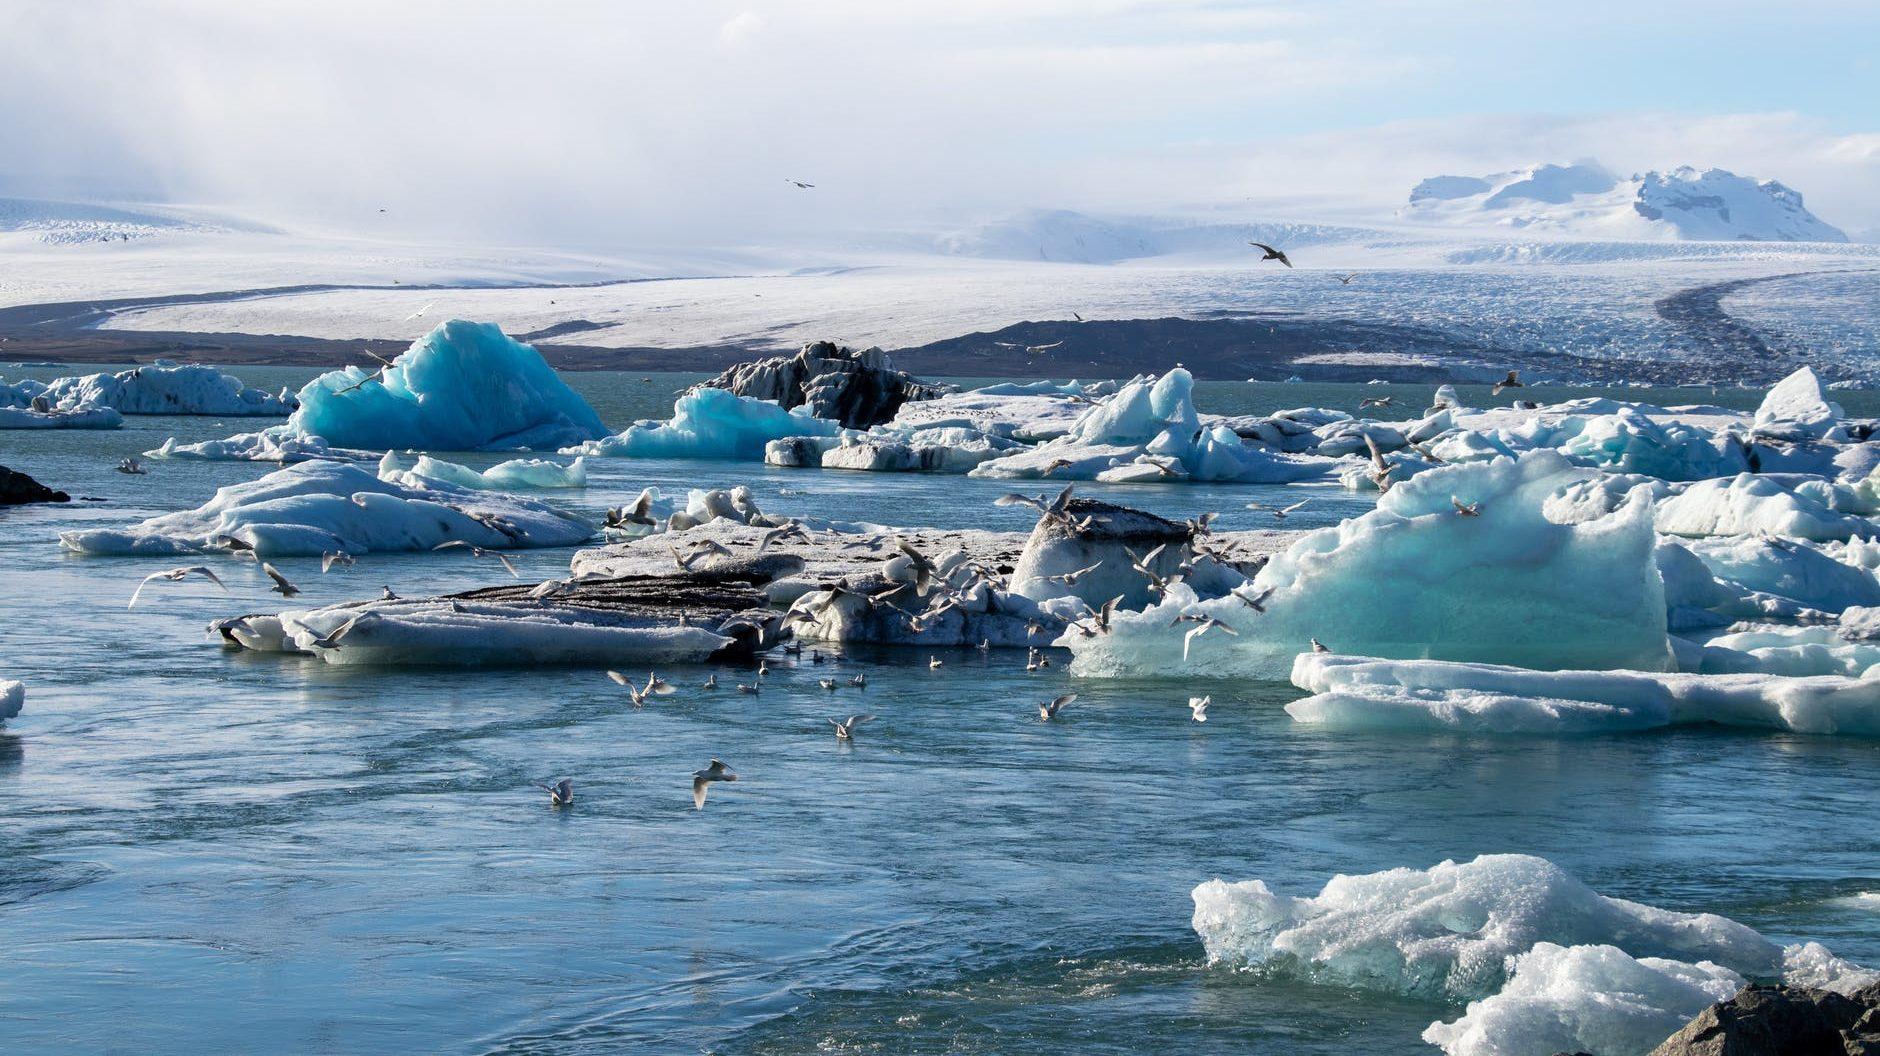 Científicos advierten que deshielo de glaciares se aceleró desde el 2000